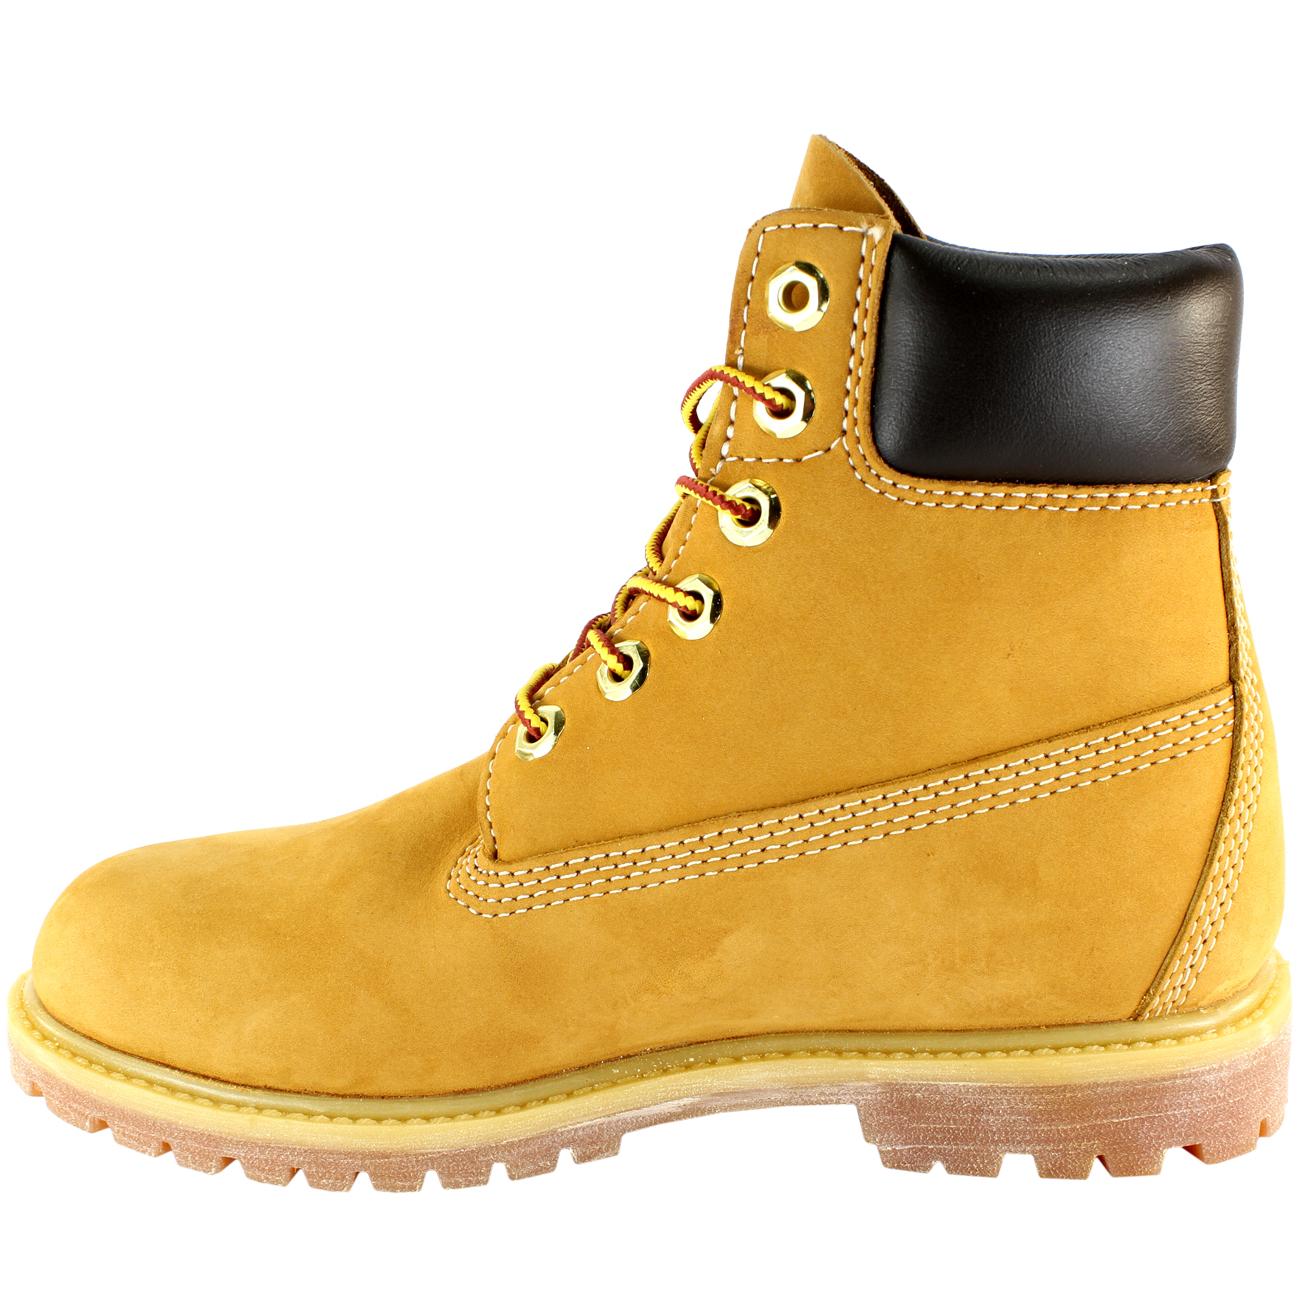 Model Original Timberlands Womens Cheap Timberland Boots For Women